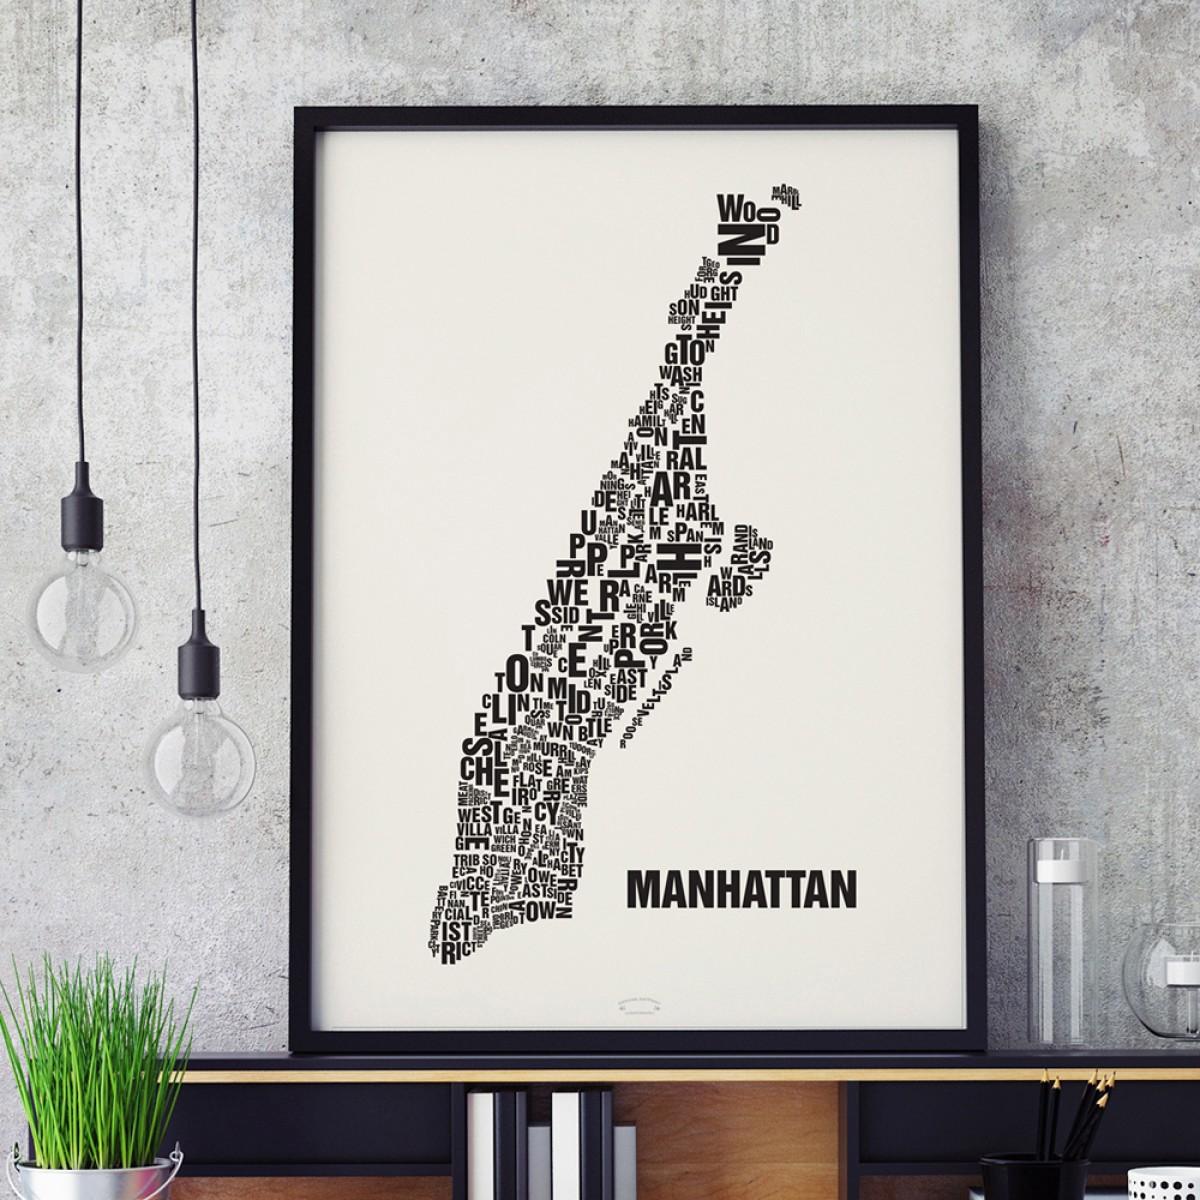 Buchstabenort Manhattan Stadtteile-Poster Typografie Siebdruck